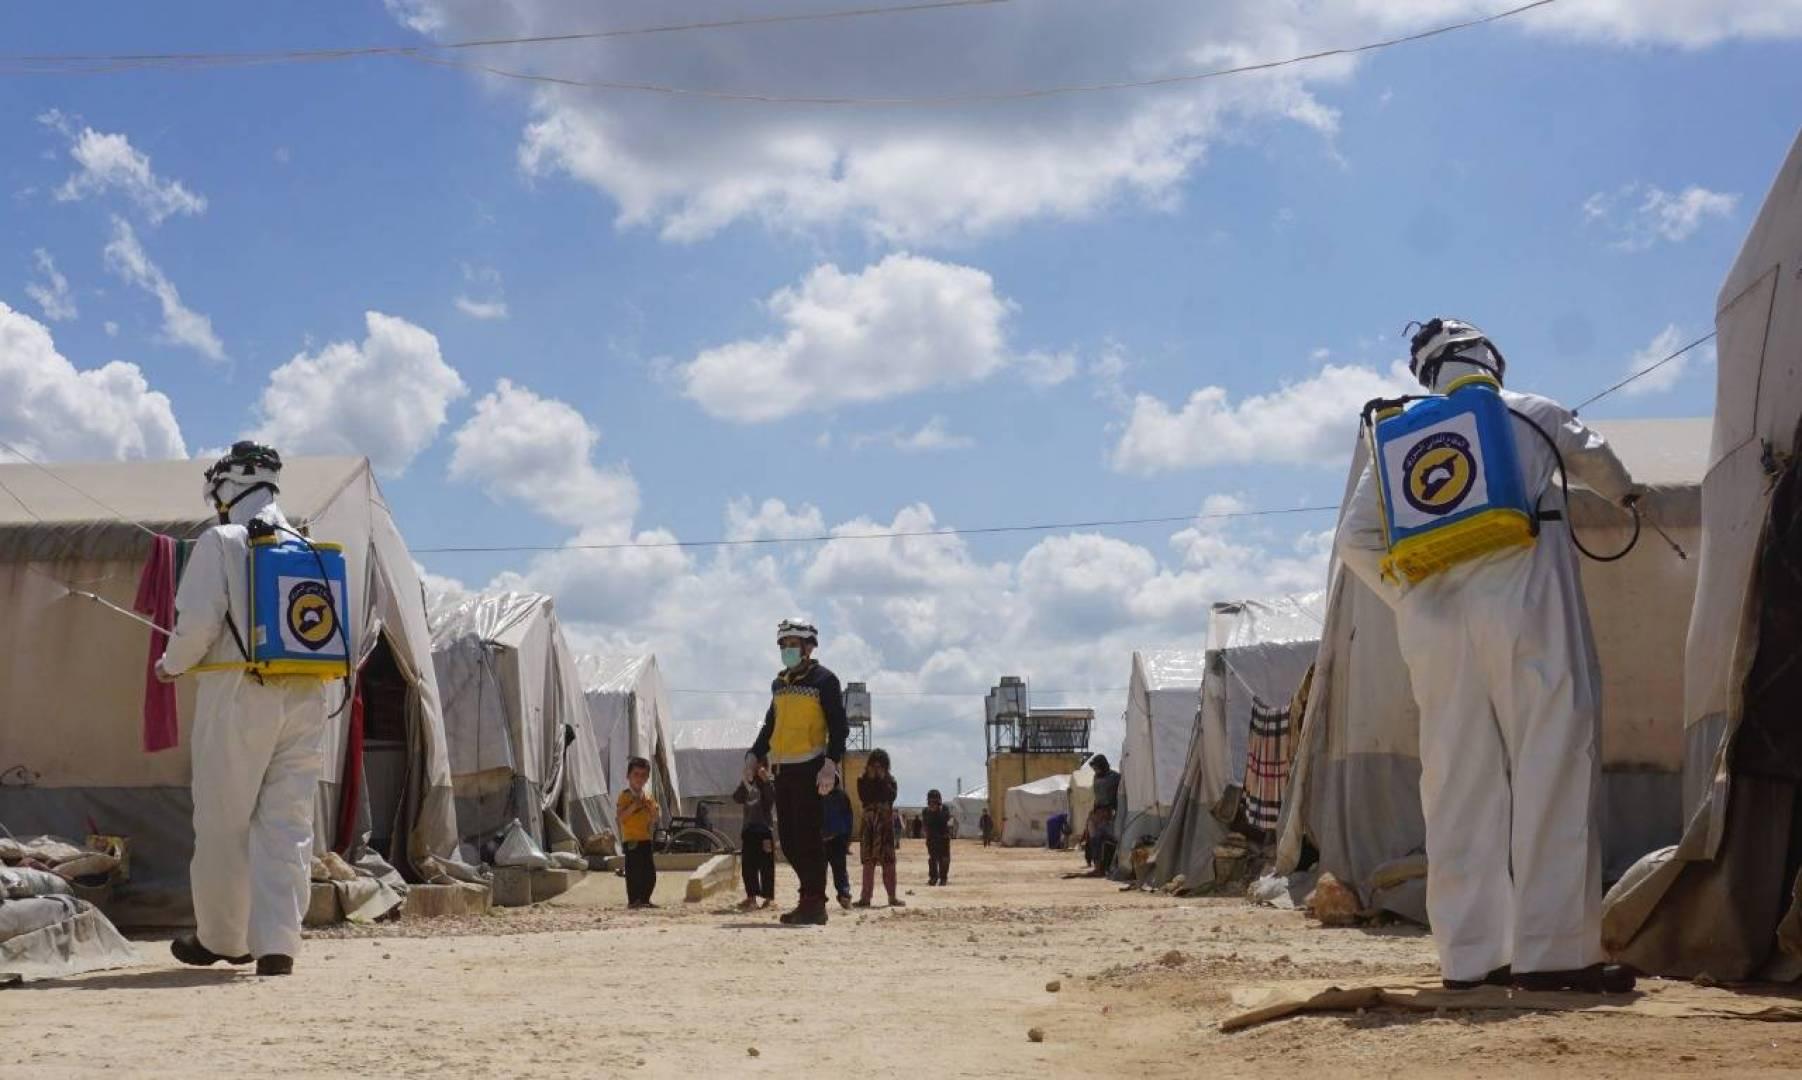 بسبب كورونا.. تحذيرات من كارثة إنسانيّة شمال غربي سوريا